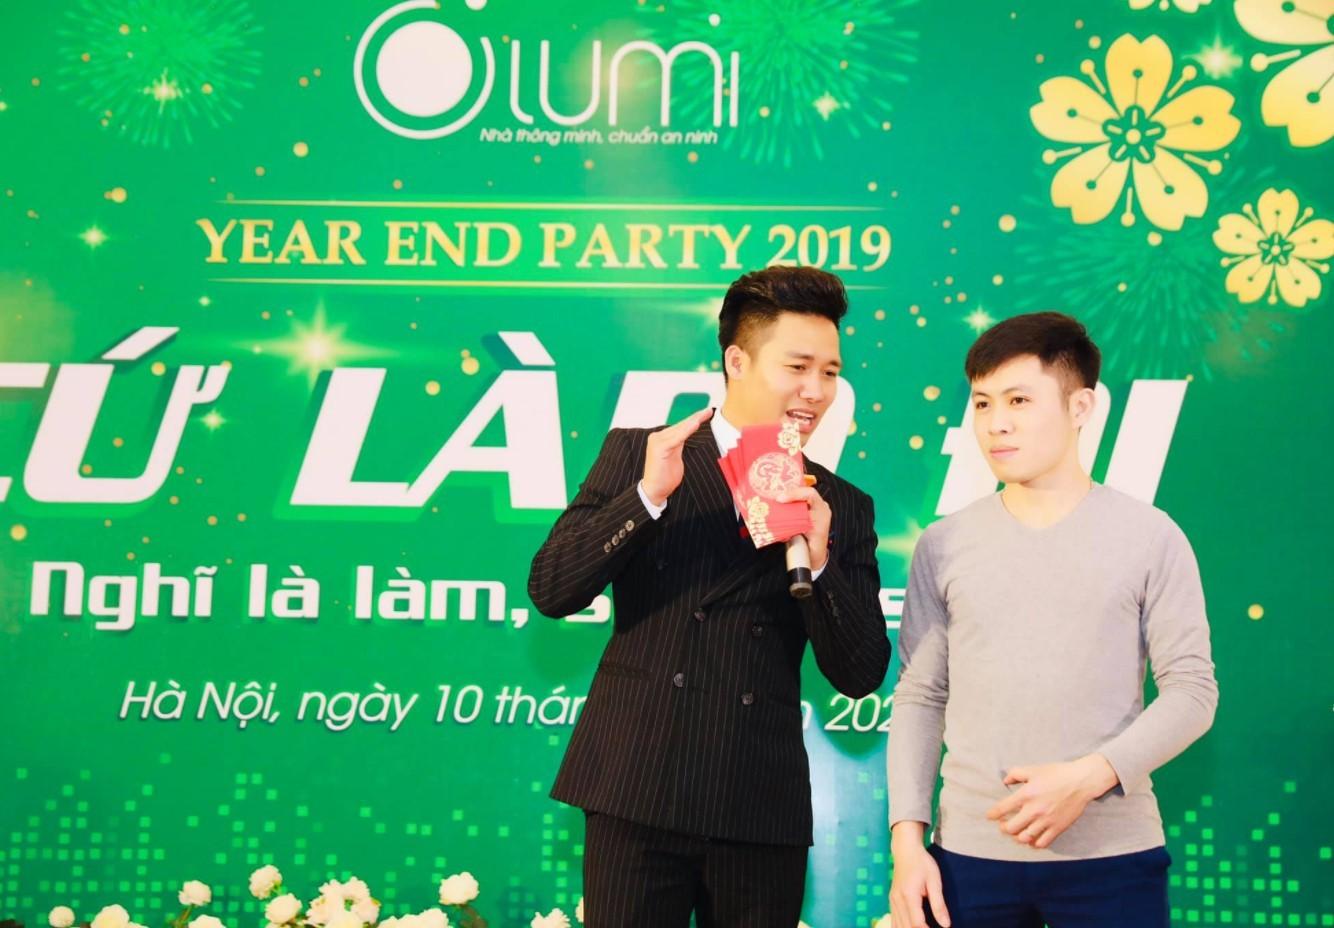 Mẫu kế hoạch tổ chức year end party cuối năm 2021 - Luxtour 2